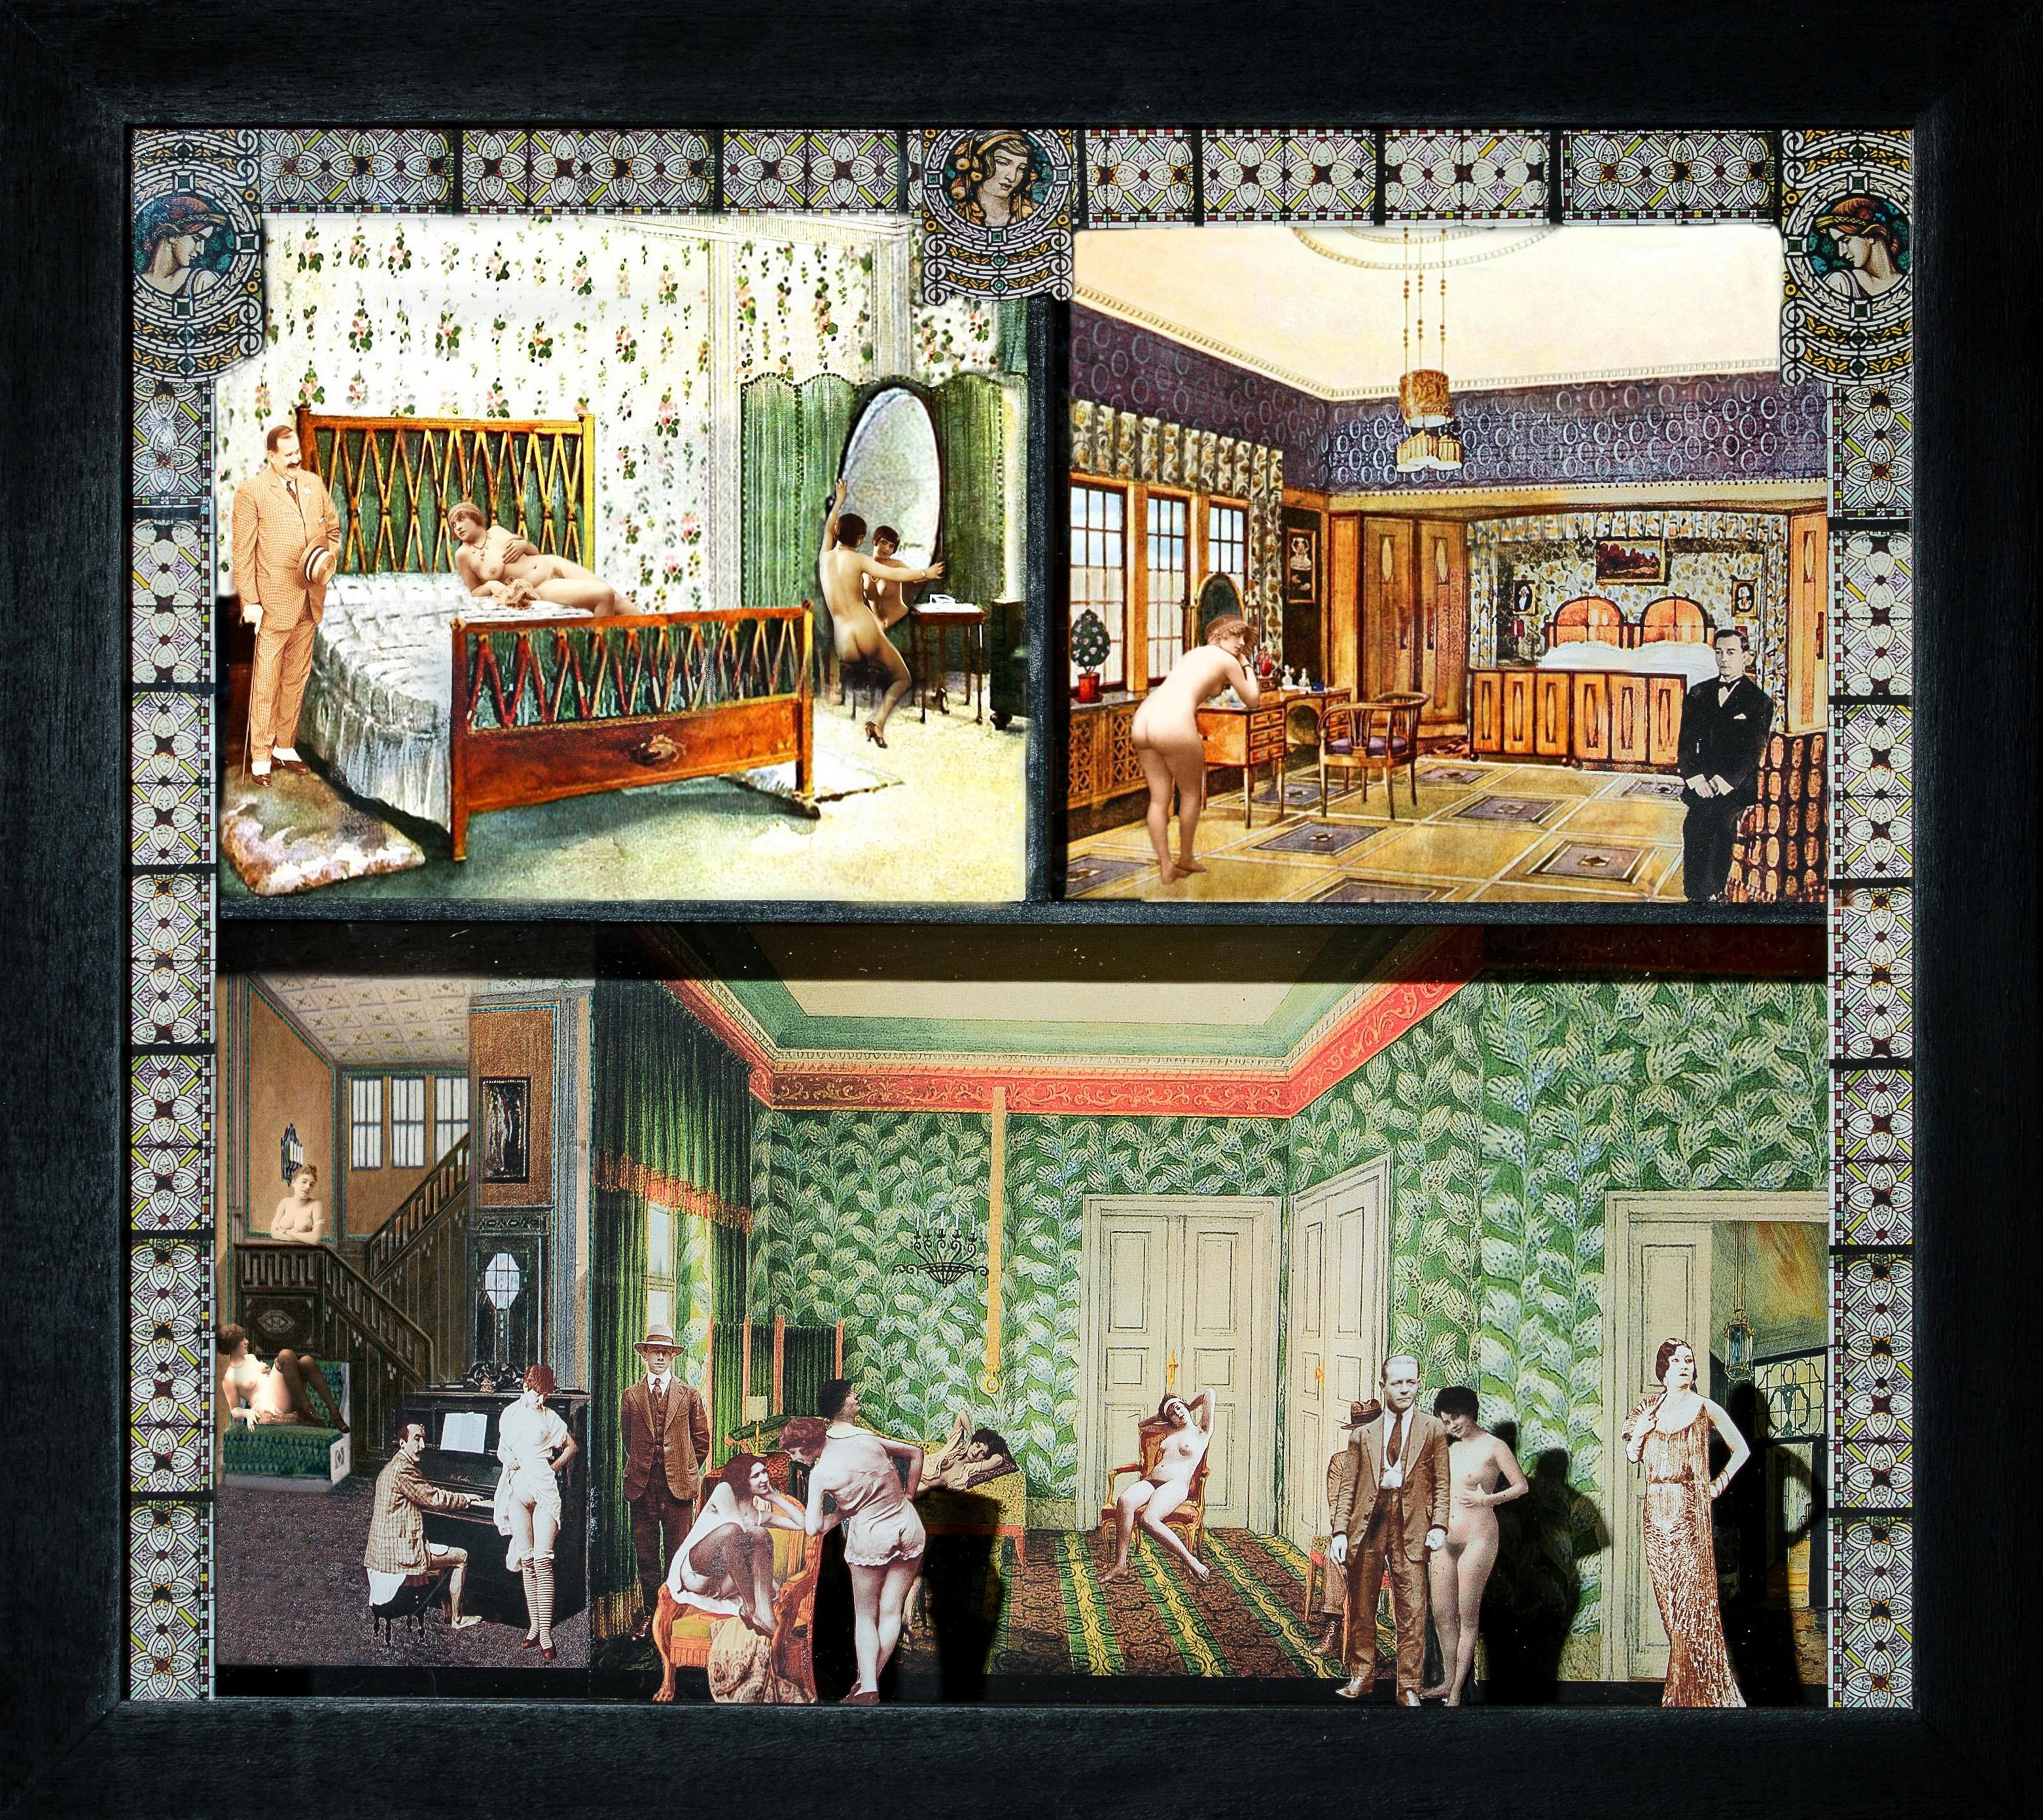 La Casa d'appuntamenti 3 - Teatrino 3D Collage montato in scatola di ayous, tecnica mista, 33 x 29 x 8